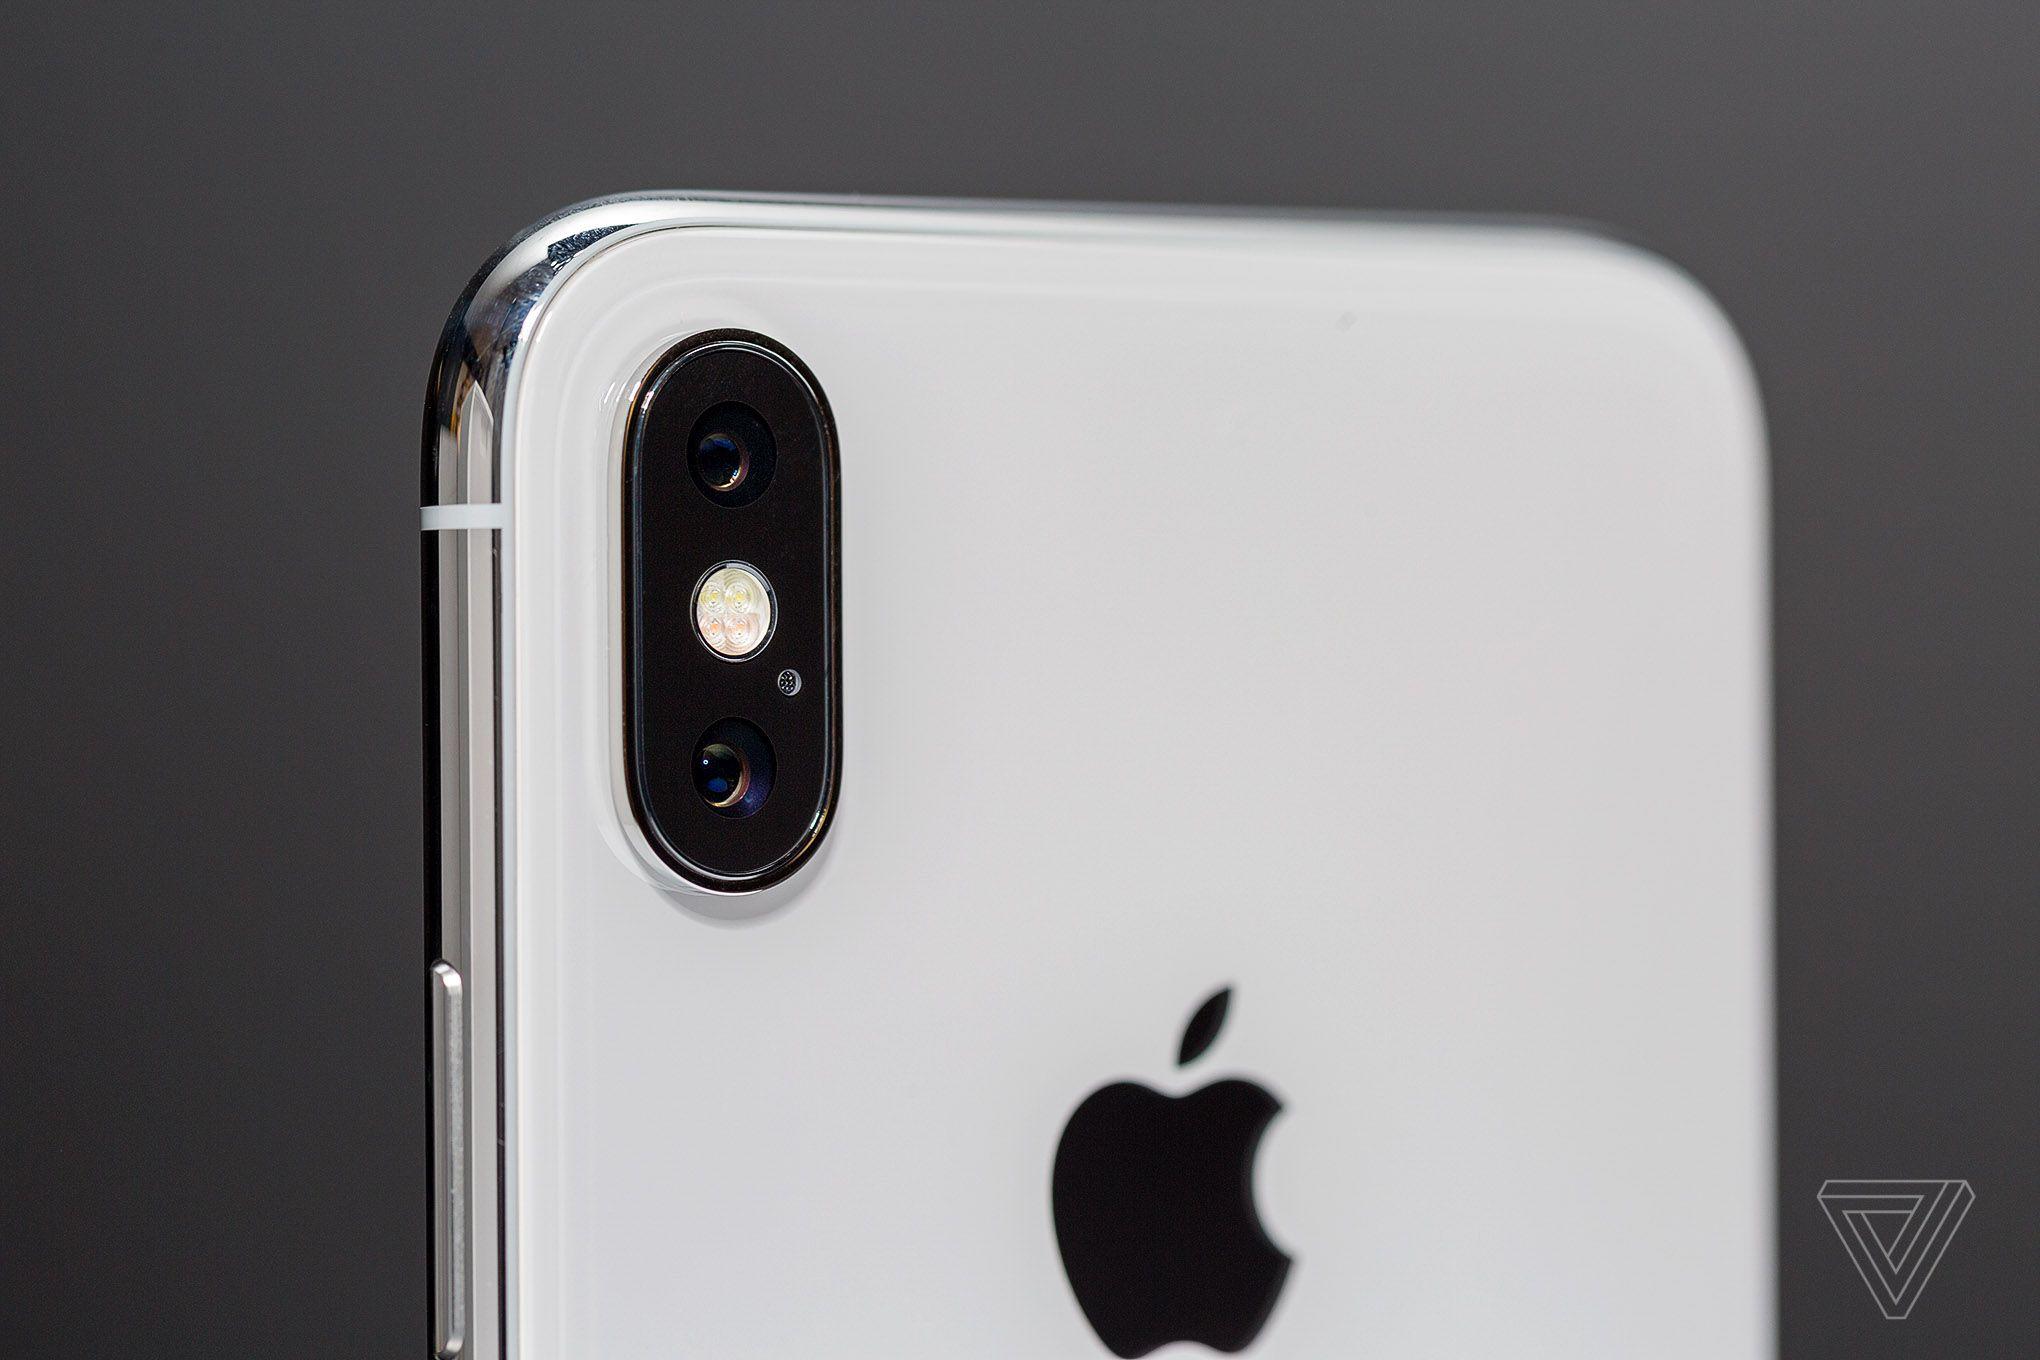 Cámara del iPhone X (imagen de The Verge)